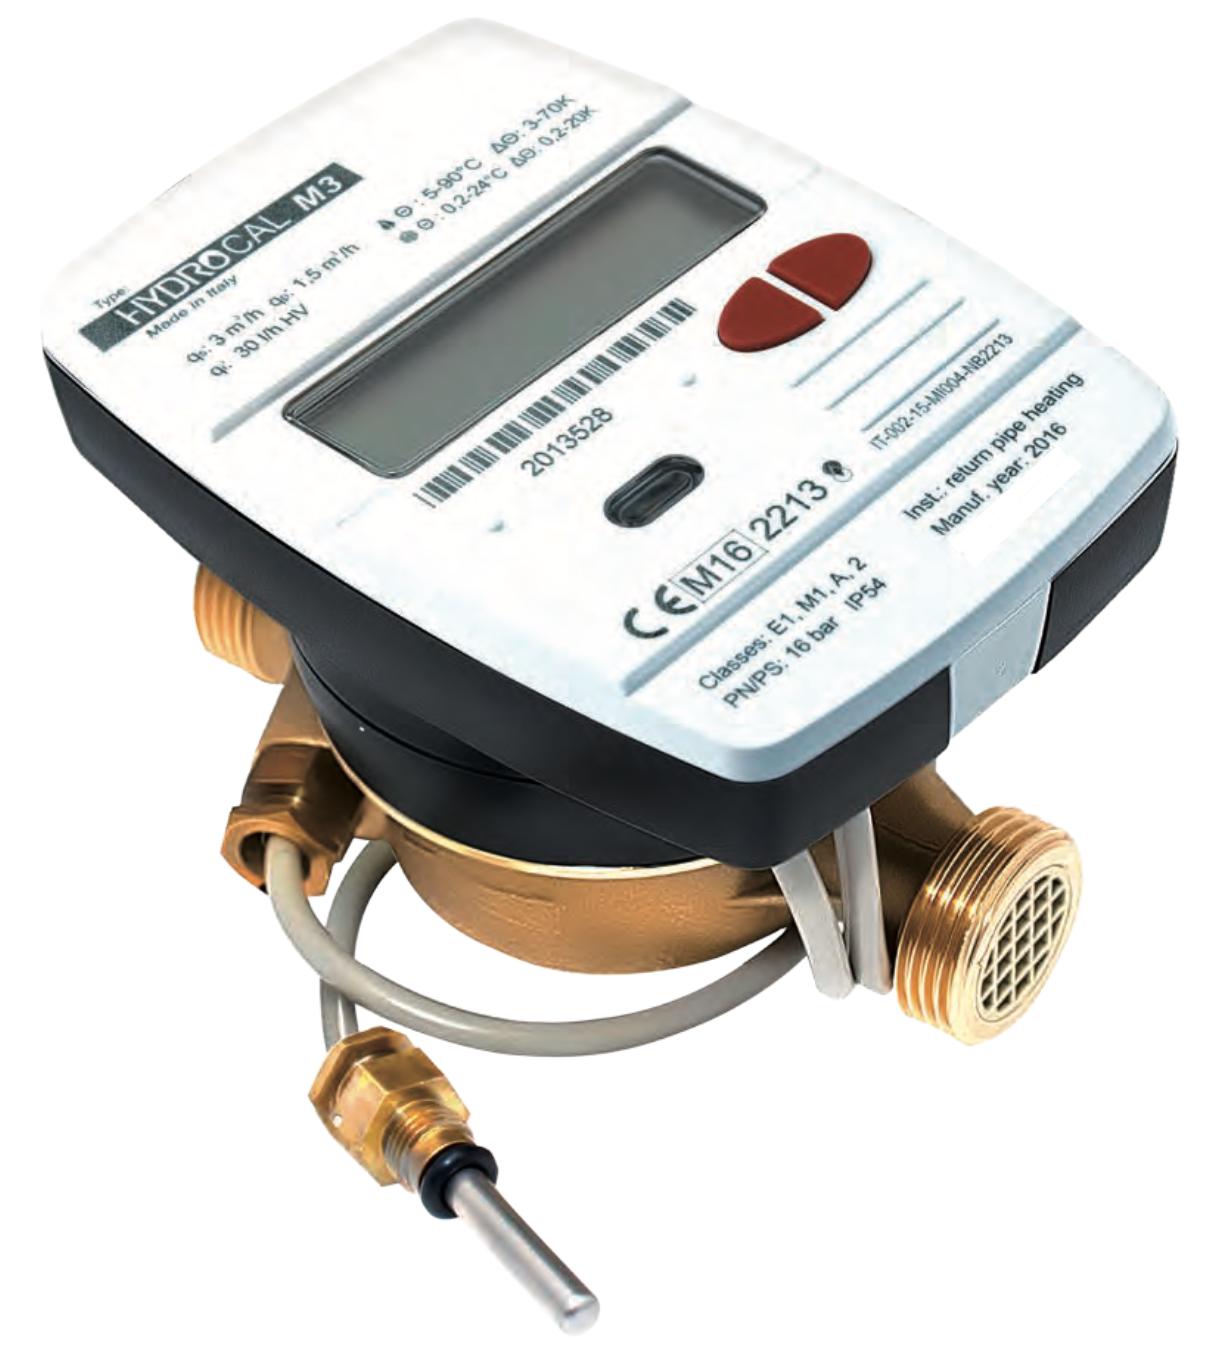 kompaktní měřič tepla smartm